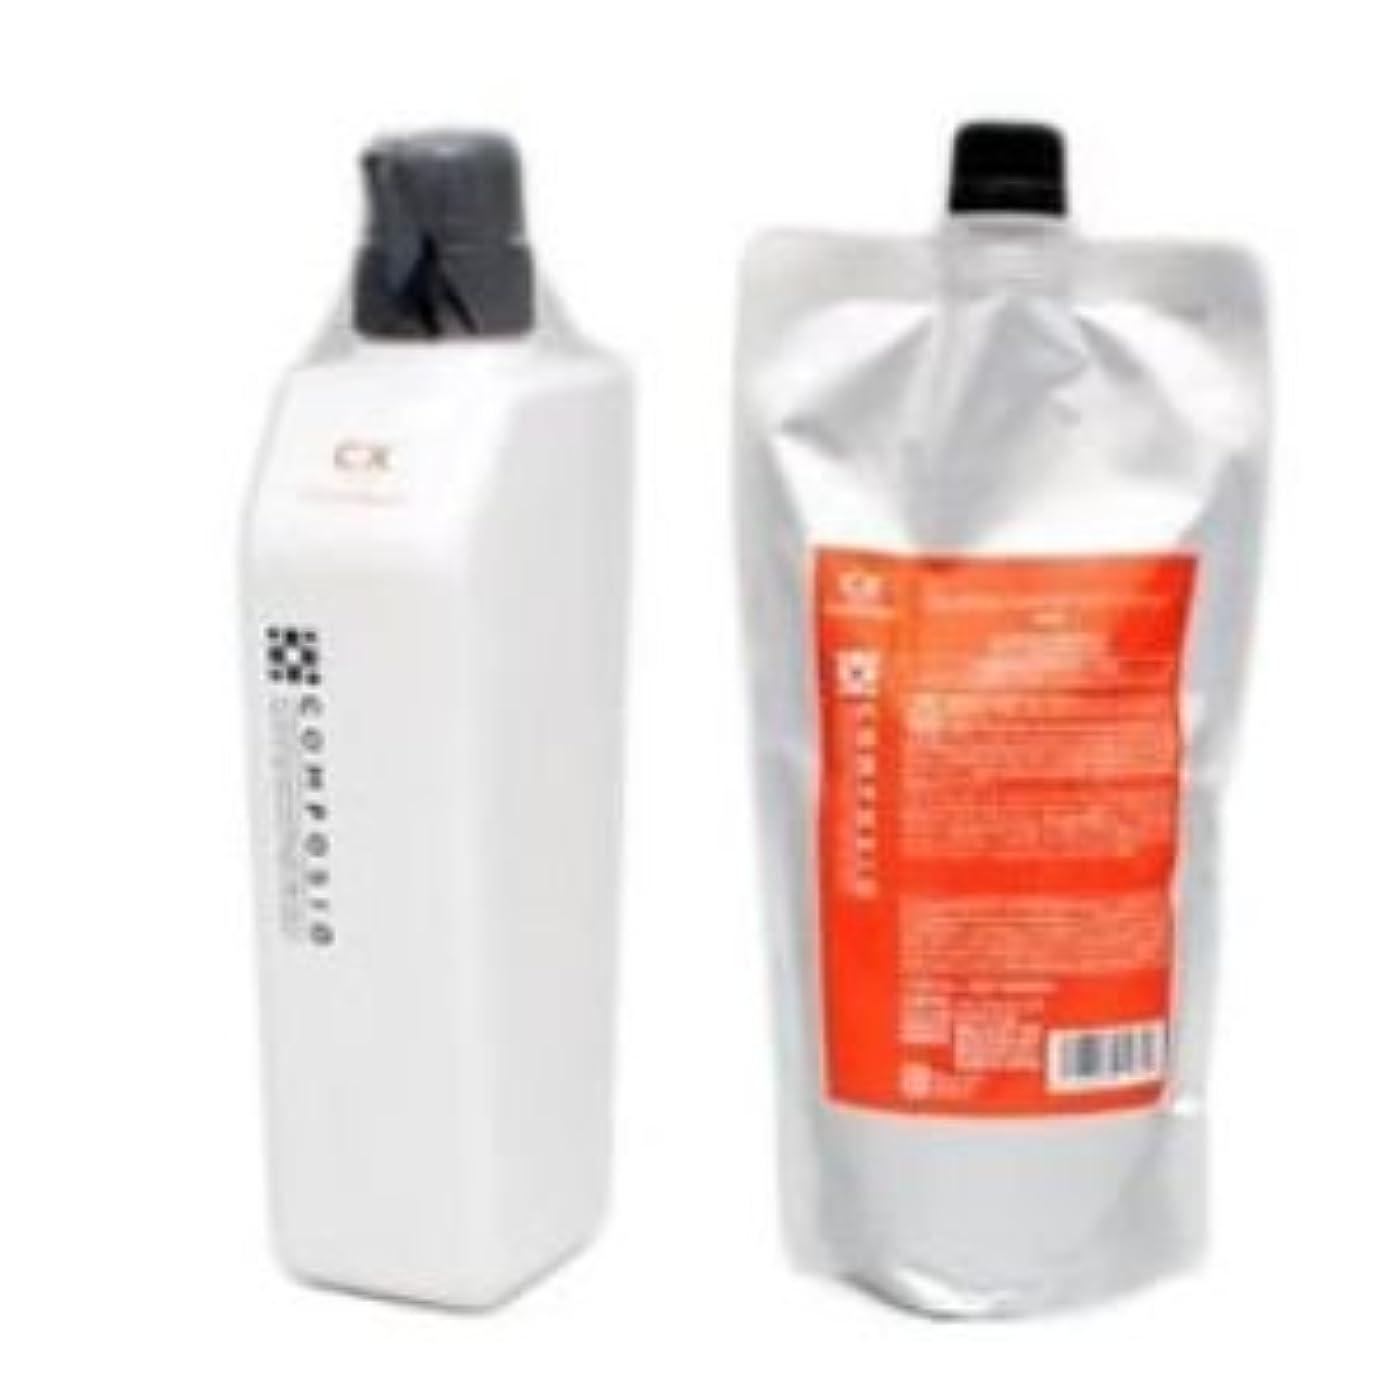 存在トラック支払いデミ コンポジオ CXリペアトリートメント ボトル550g & 詰替え 450g セット (詰め替え付セット)